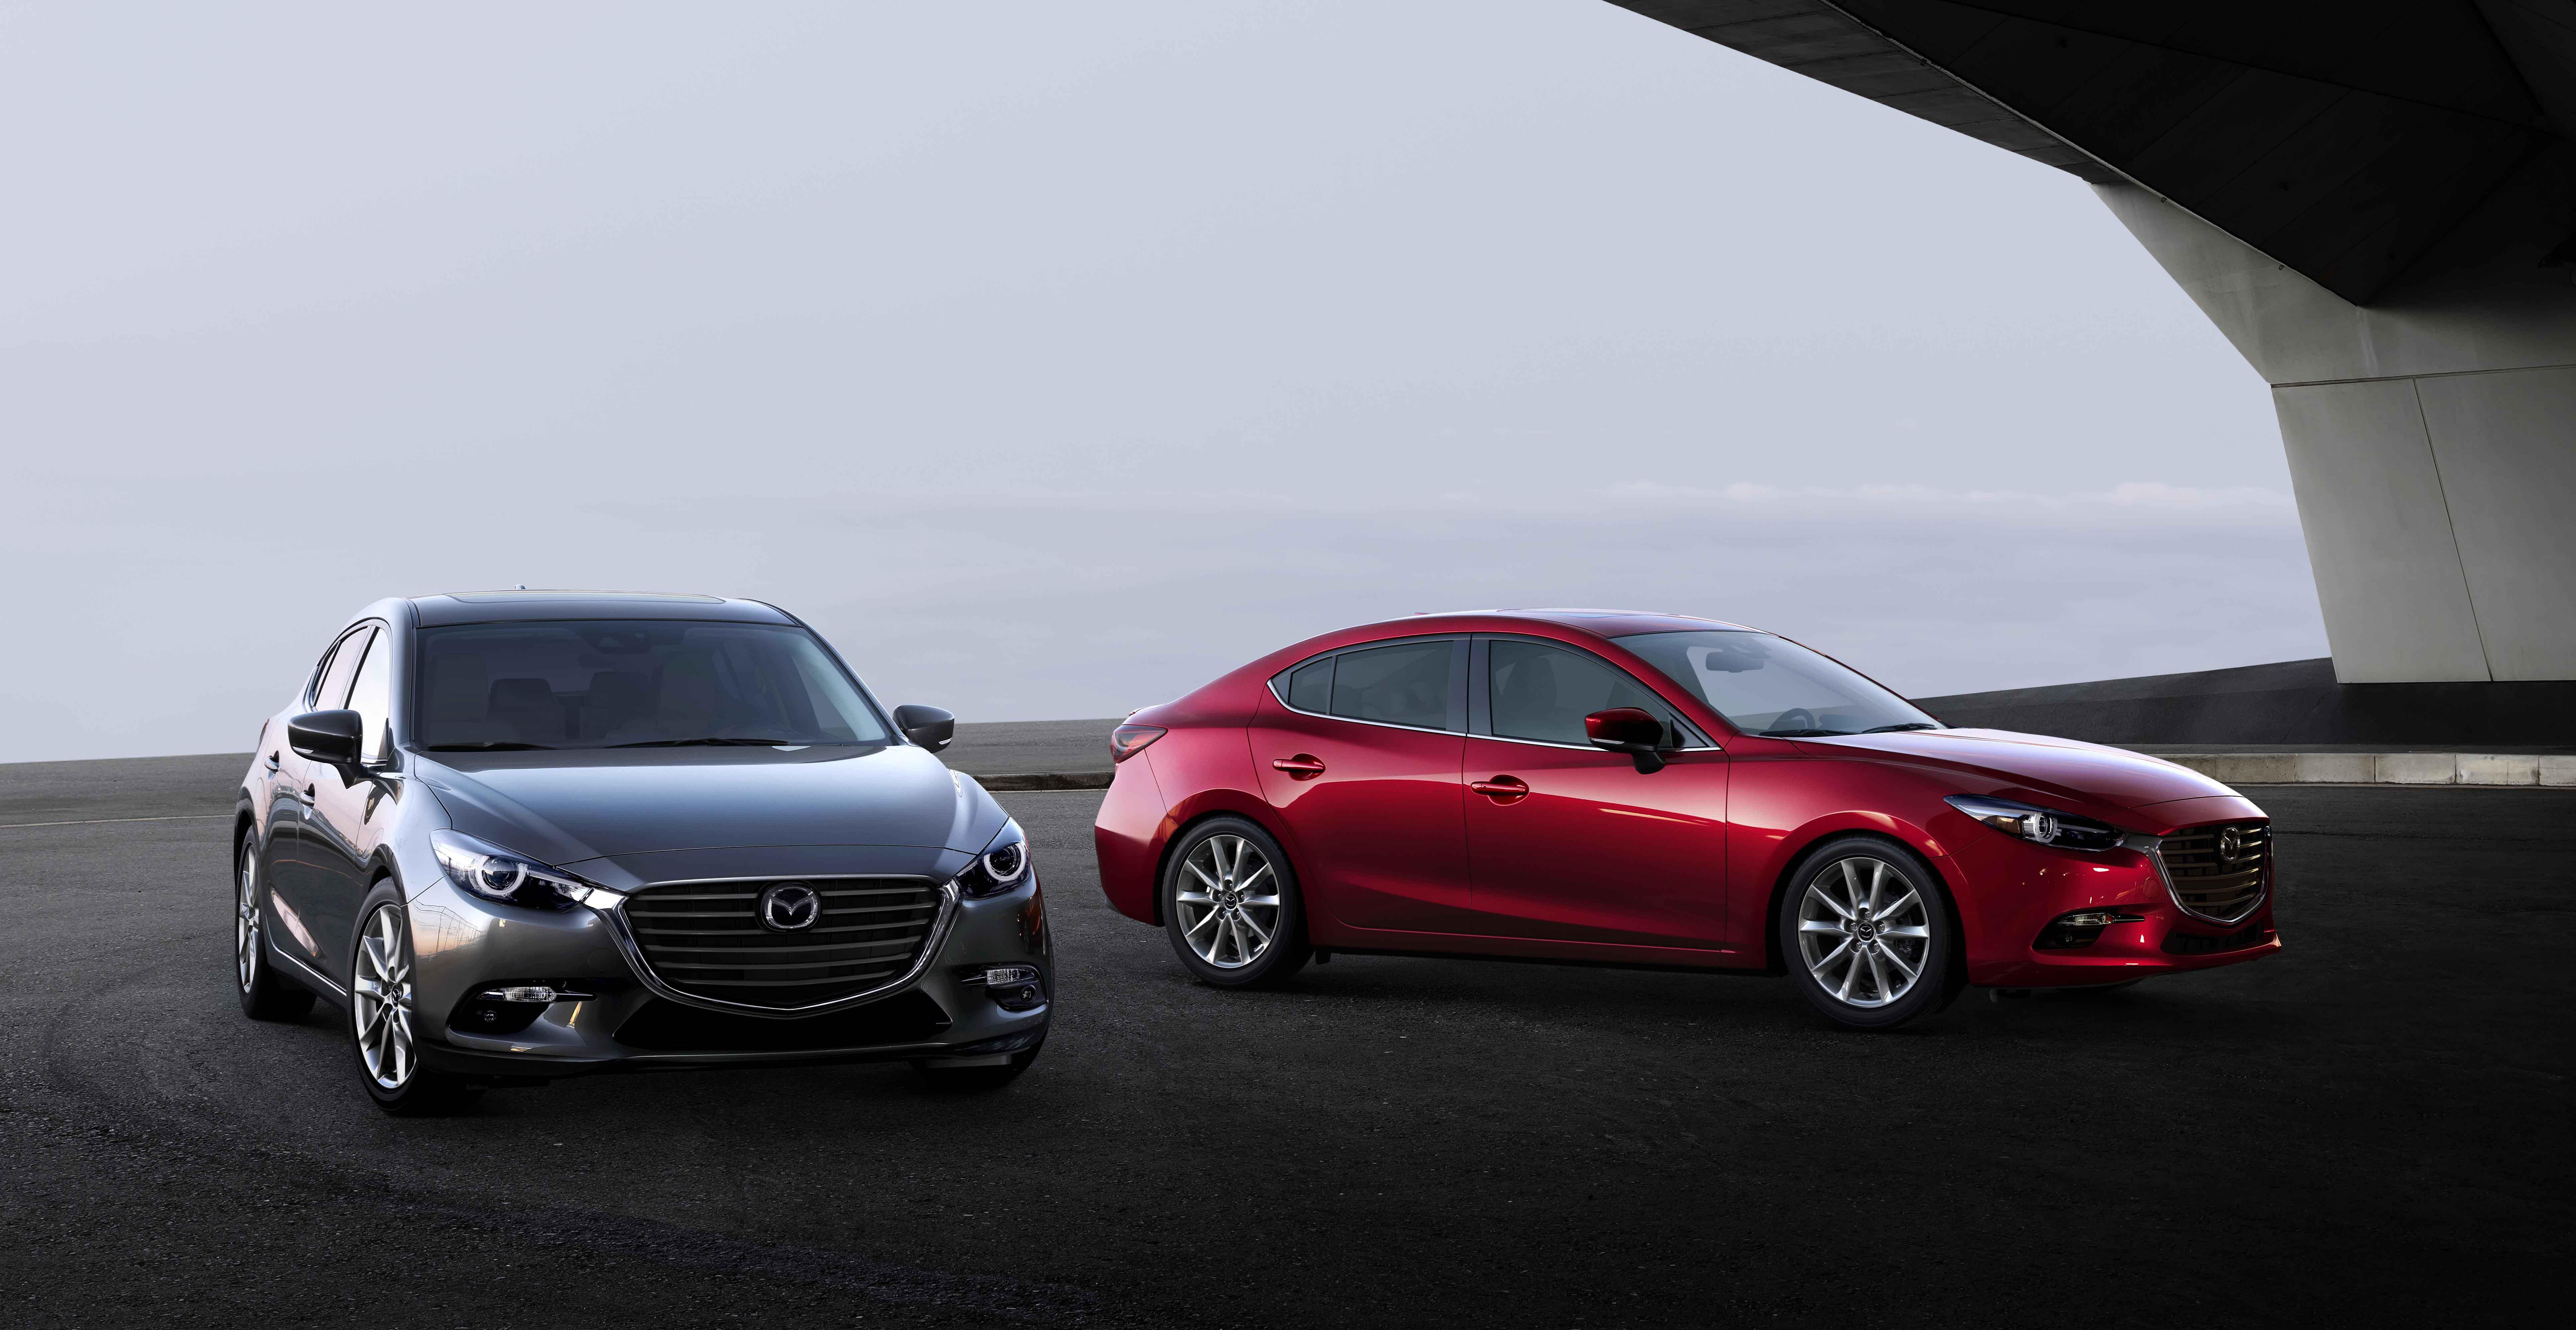 全新17年式MAZDA3 新增新車色-鋼鐵灰,外型更洗練